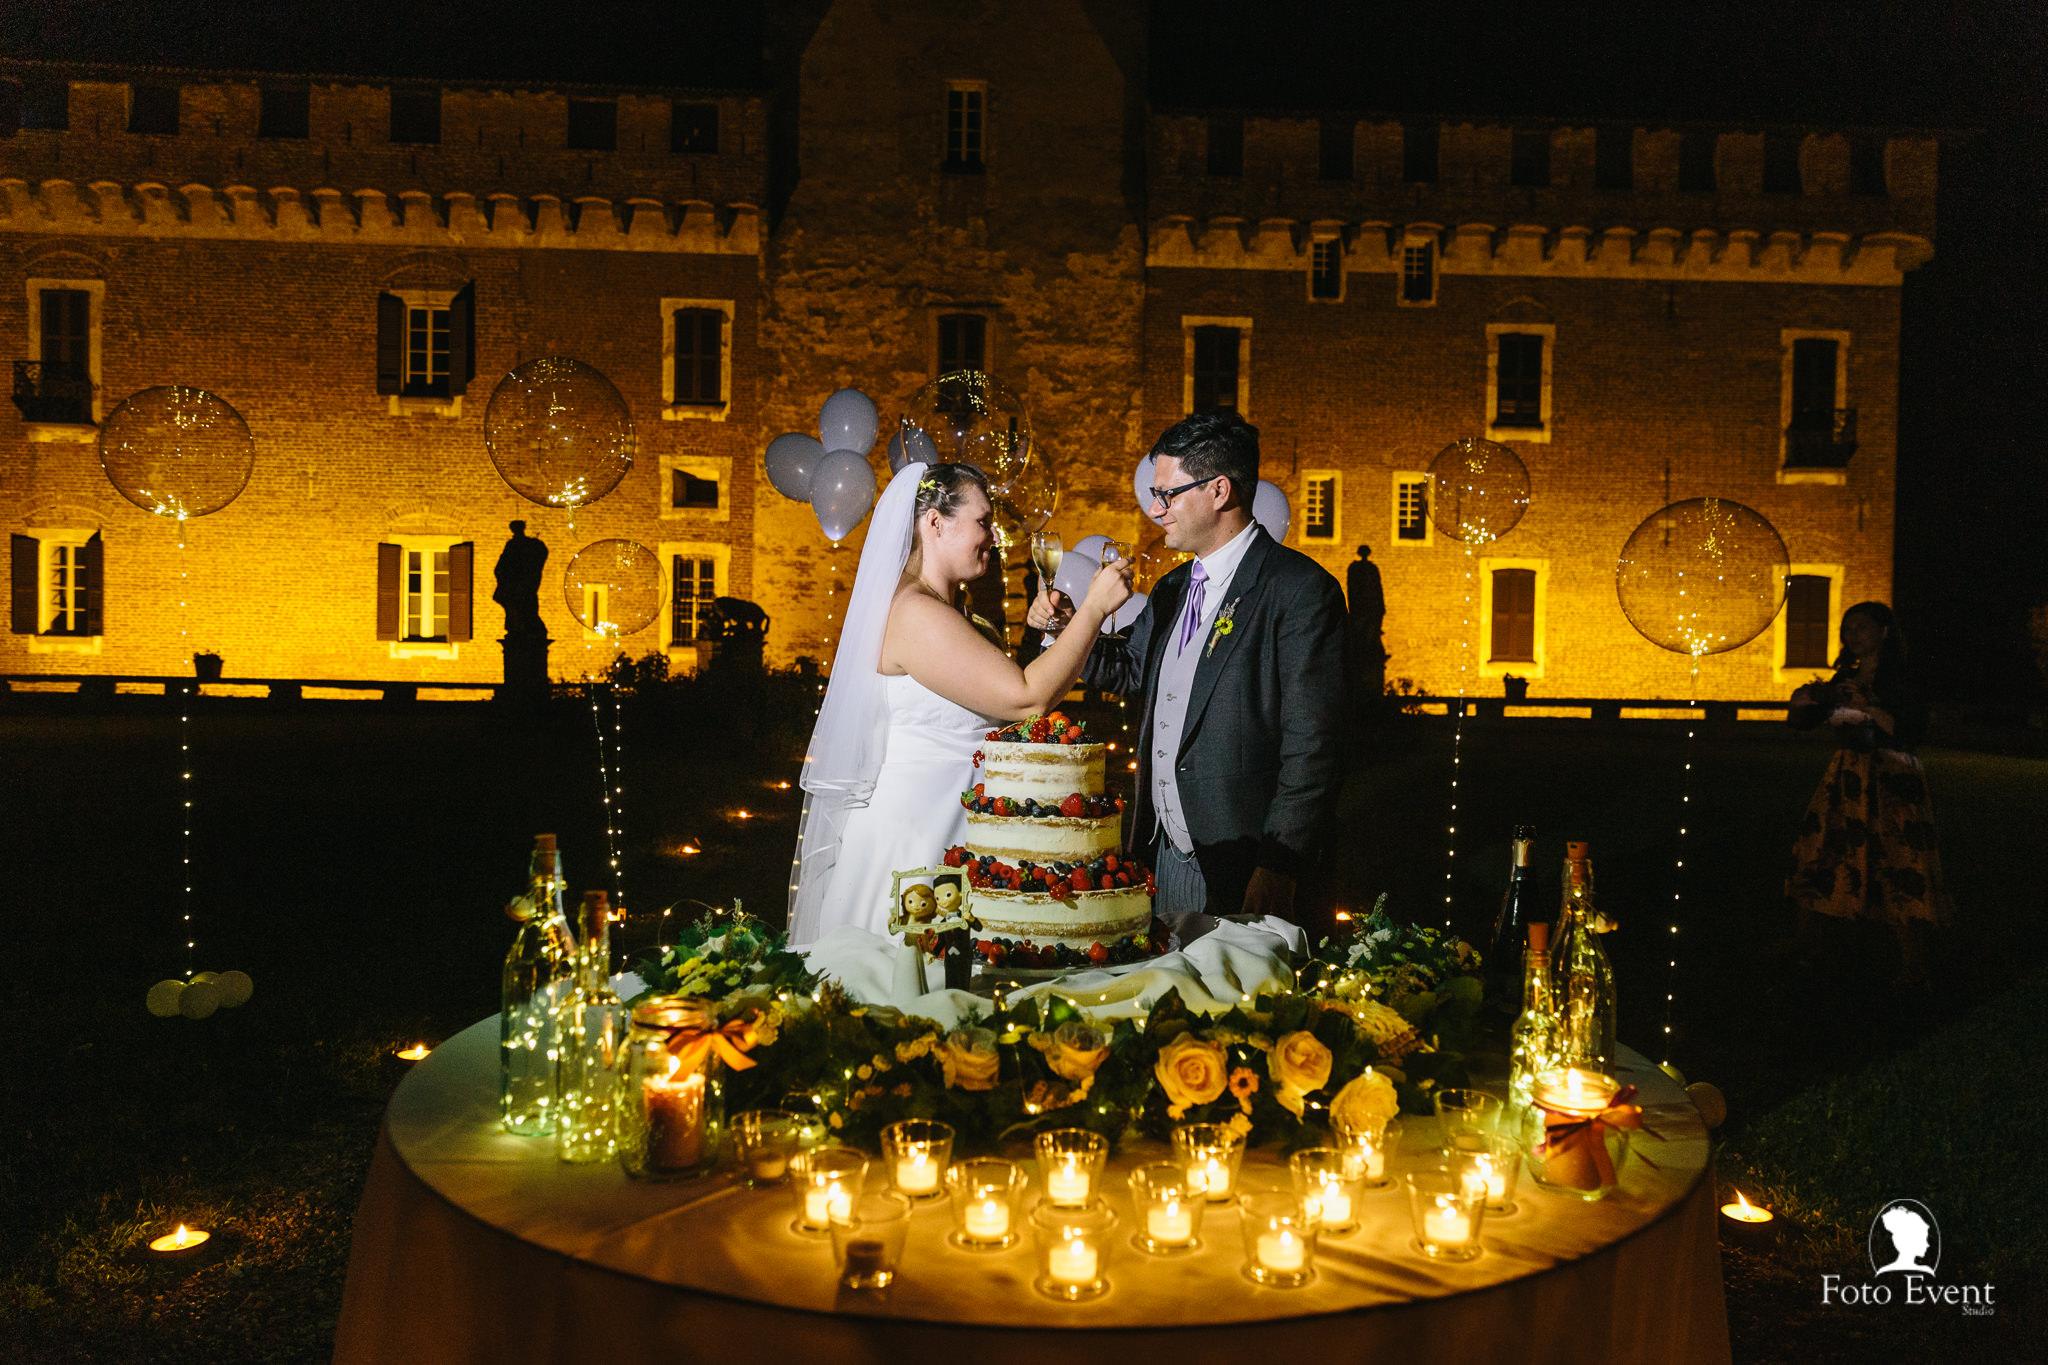 086-2019-07-27-Matrimonio-Valentina-e-Alessandro-Pettinari-5DE-1740